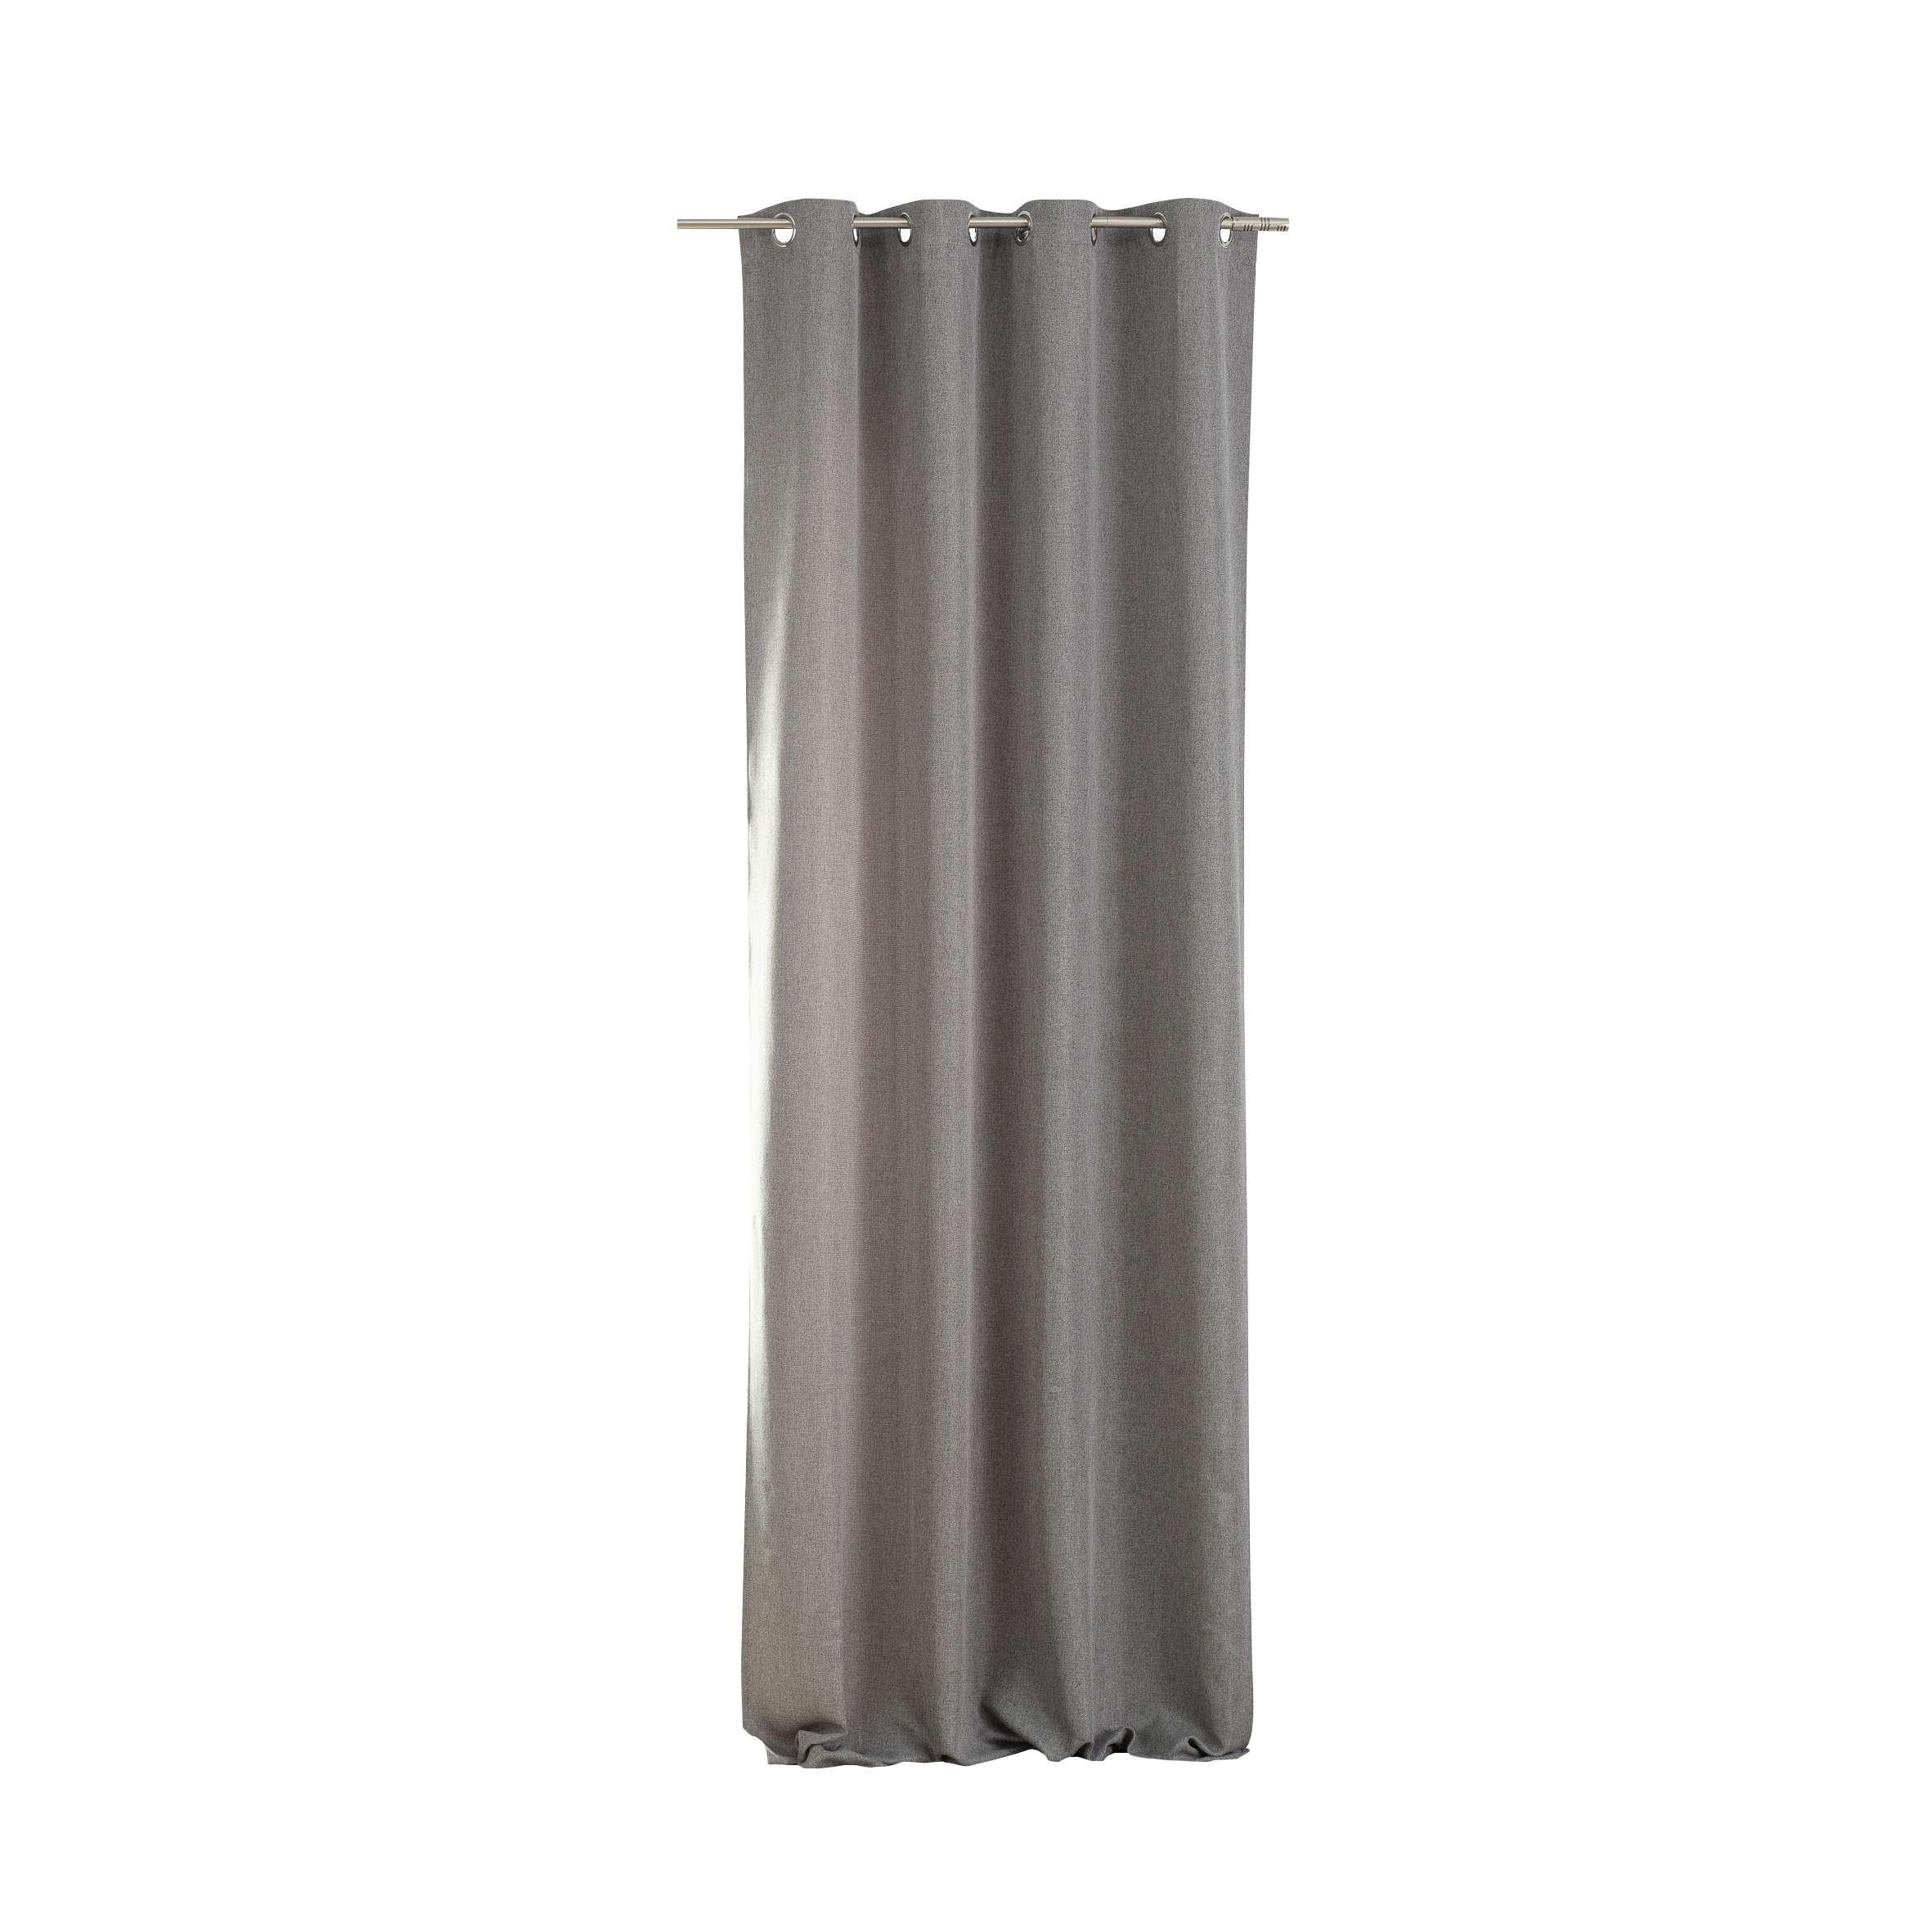 Zasłona BASIC na kółkach 140x280cm szary melanż 1 szt.